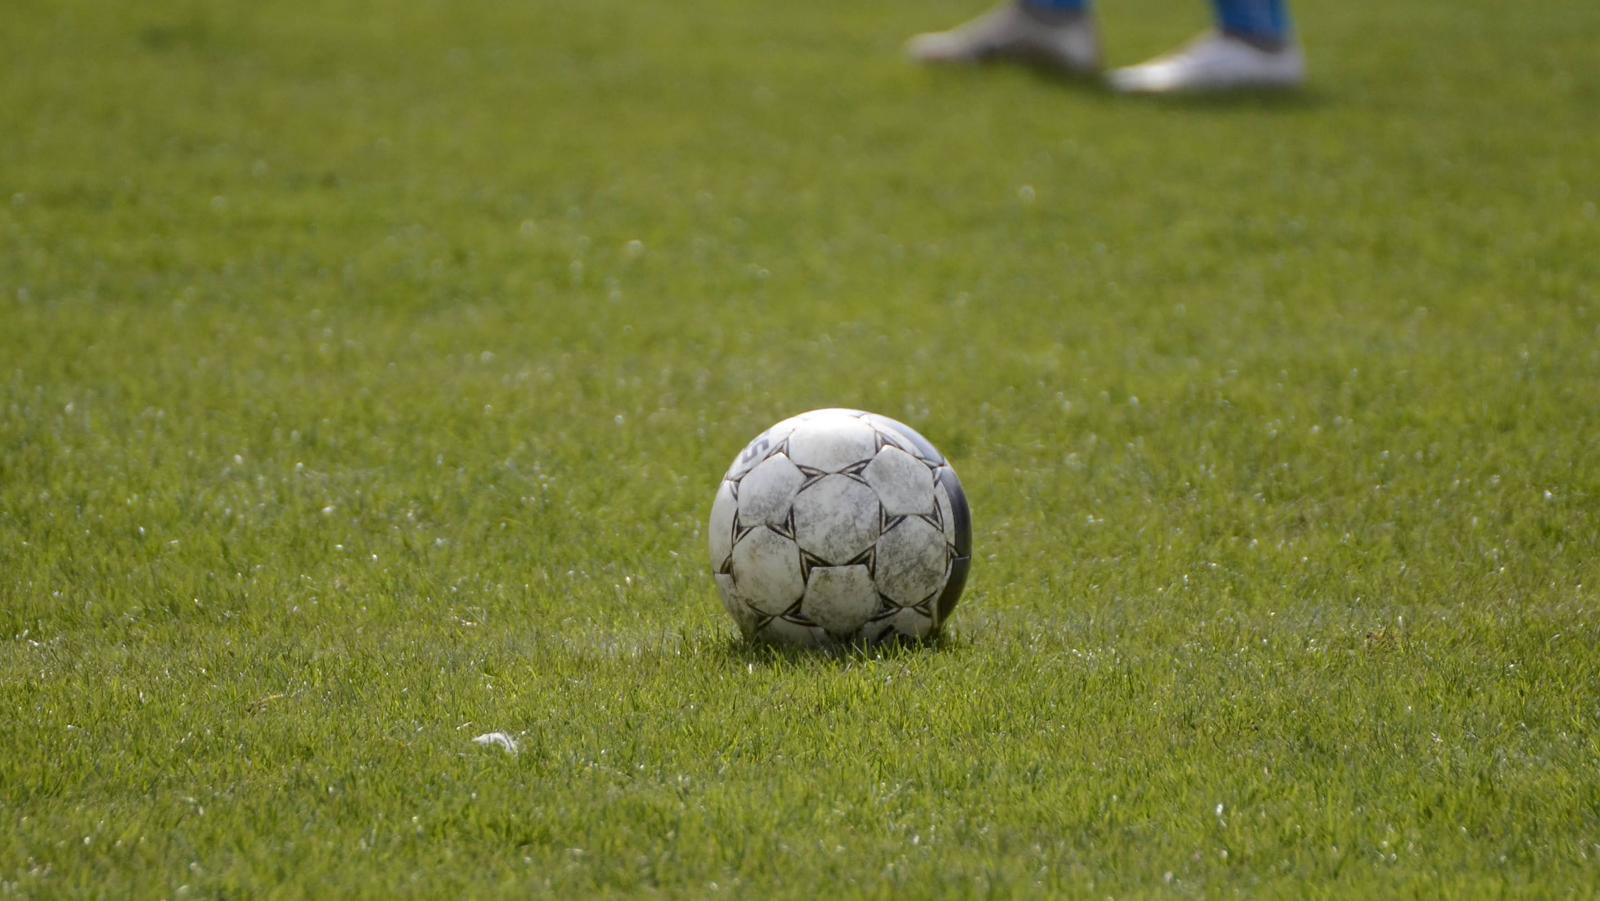 Piłka nożna: Dzikowiec skończył zwycięstwem - Zdjęcie główne